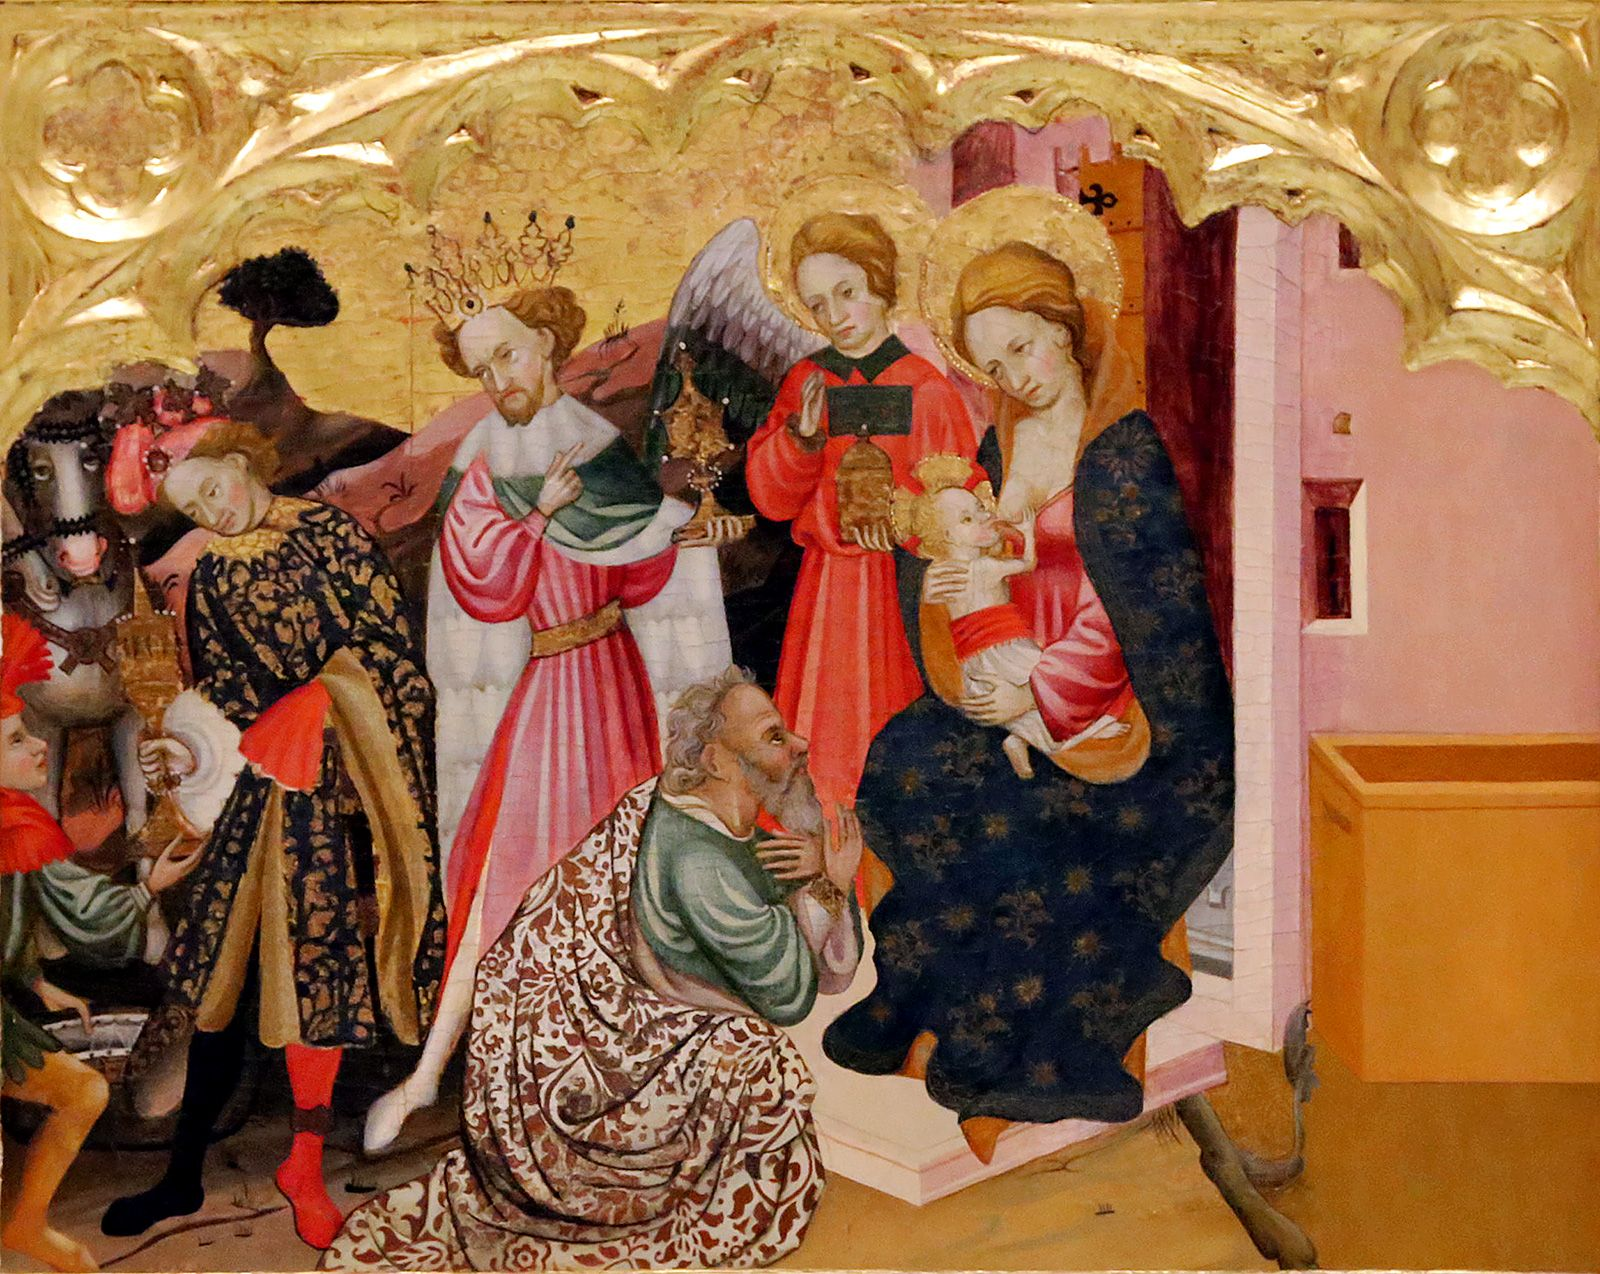 """Antoni Peris (Valencia, 1365 - 1422). """"Retablo de la Virgen de la Leche(detalle)"""", Museu de Belles Arts de València."""